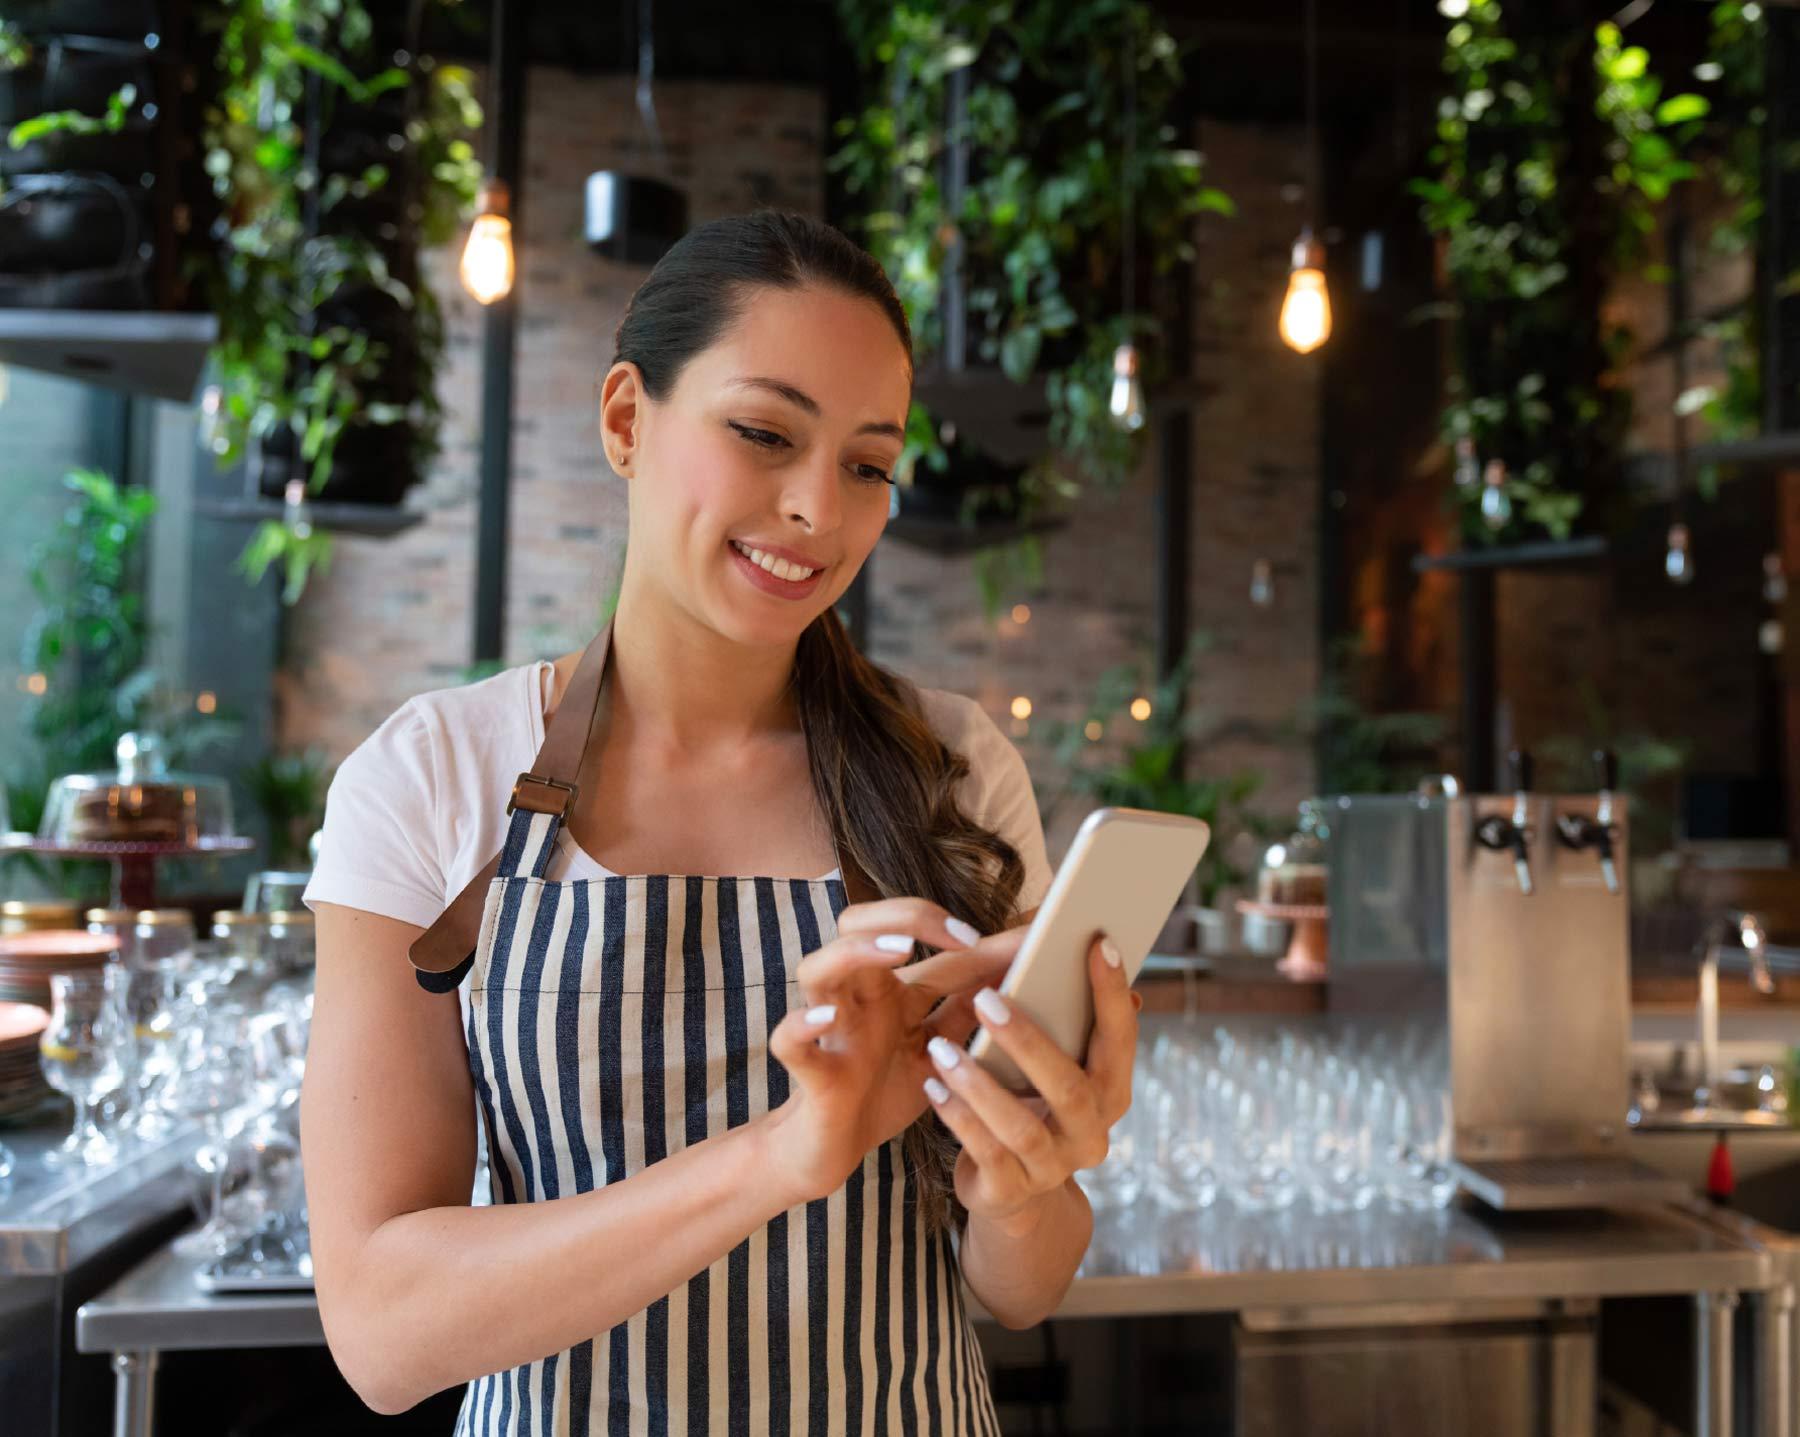 Gastronomin checkt ihren Instagram Account auf wichtige Kennzahlen wie Reichweite, Follower und Profilbesuche.